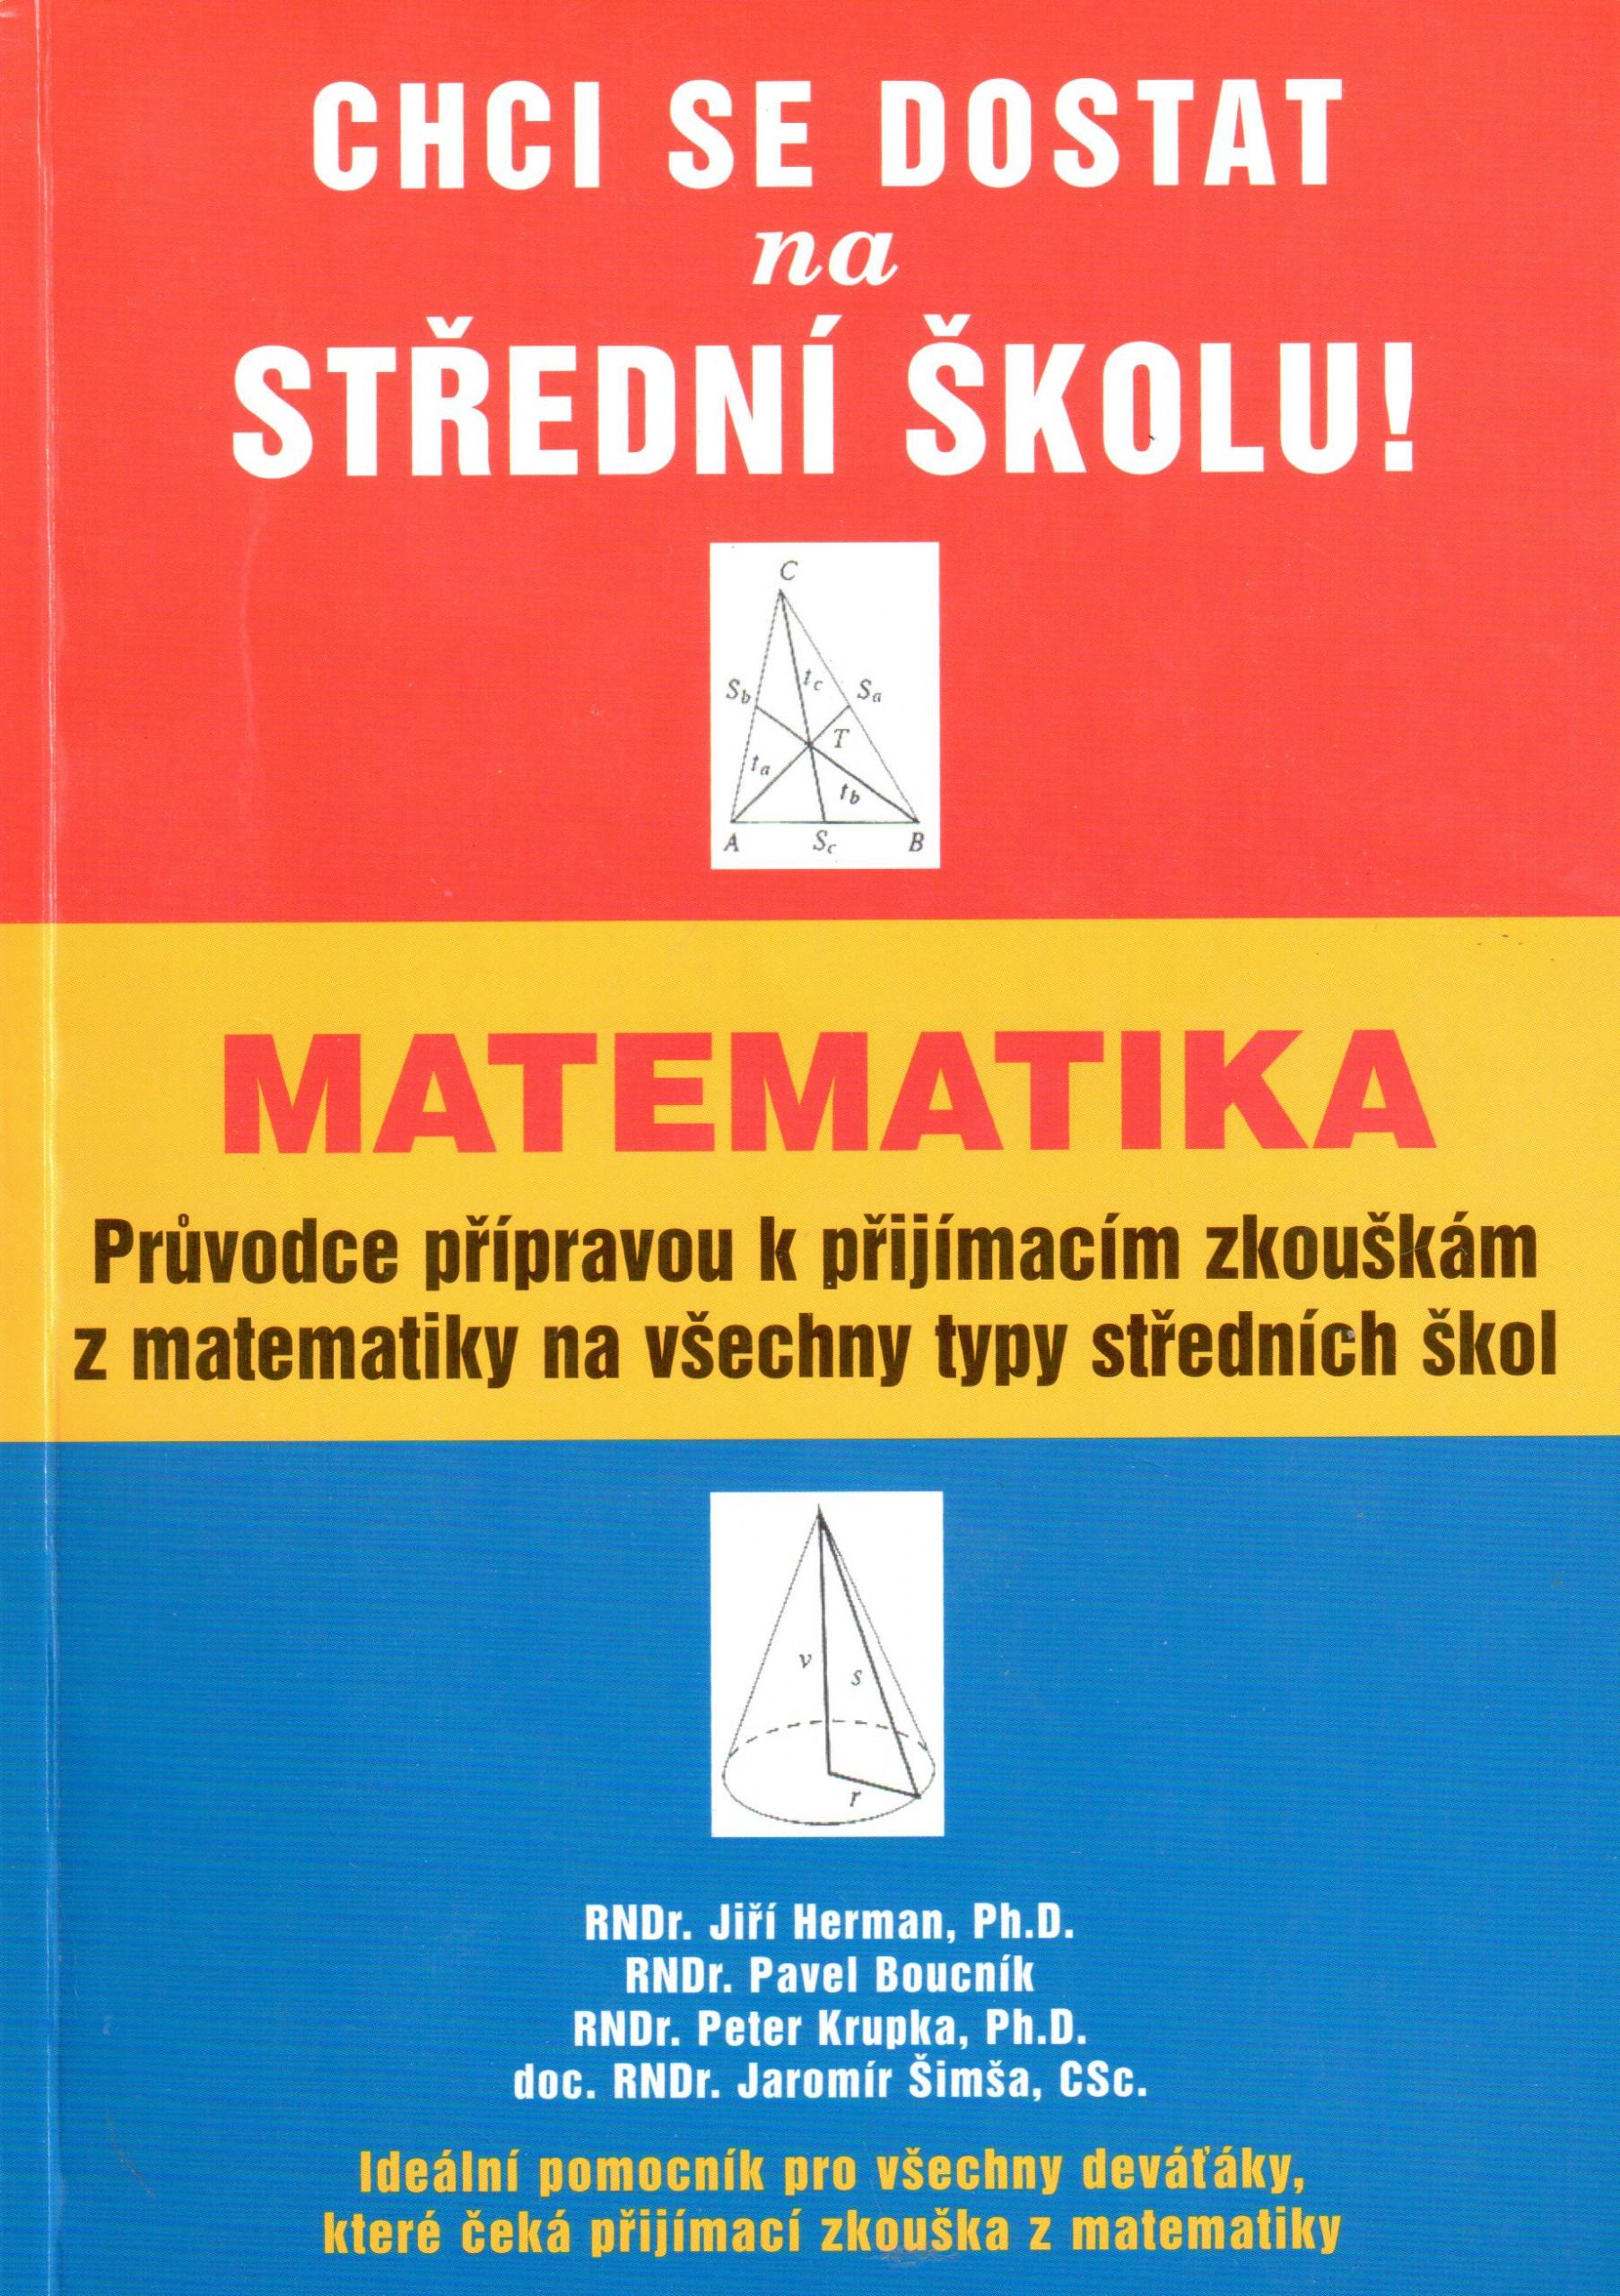 Matematika, průvodce přípravou k přijímacím zkouškám z matematiky na všechny typy středních škol - Náhled učebnice